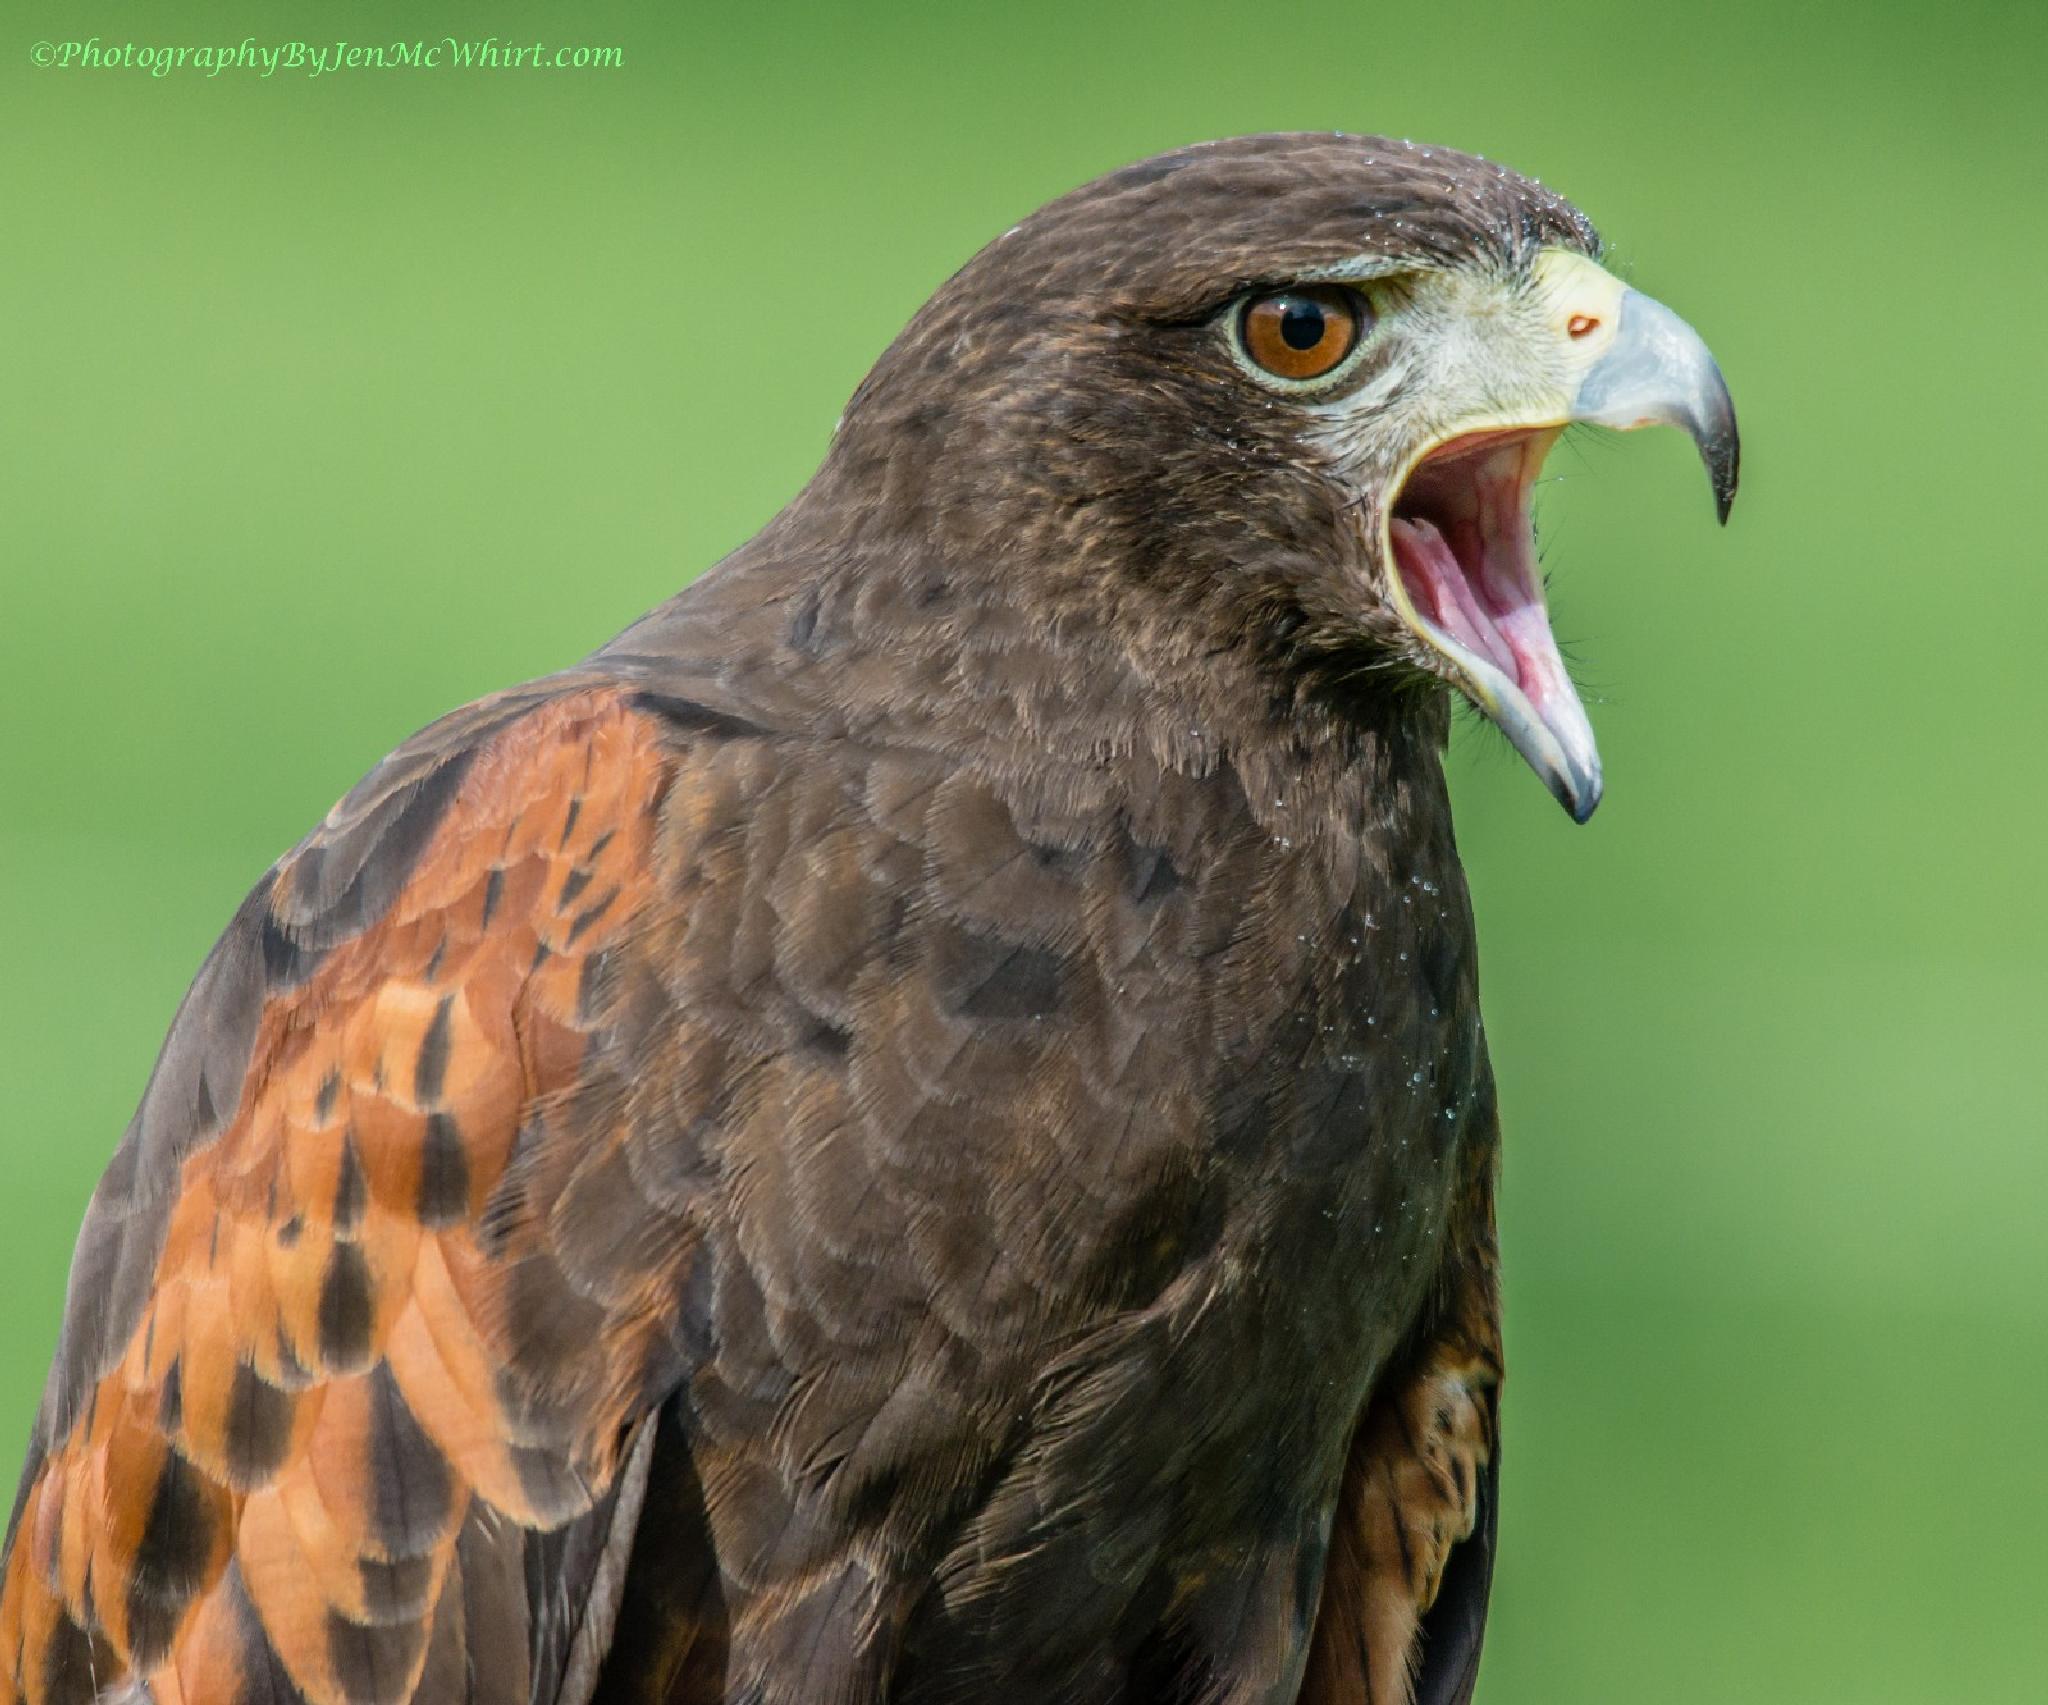 Harris's Hawk Scream by jenmcwhirt